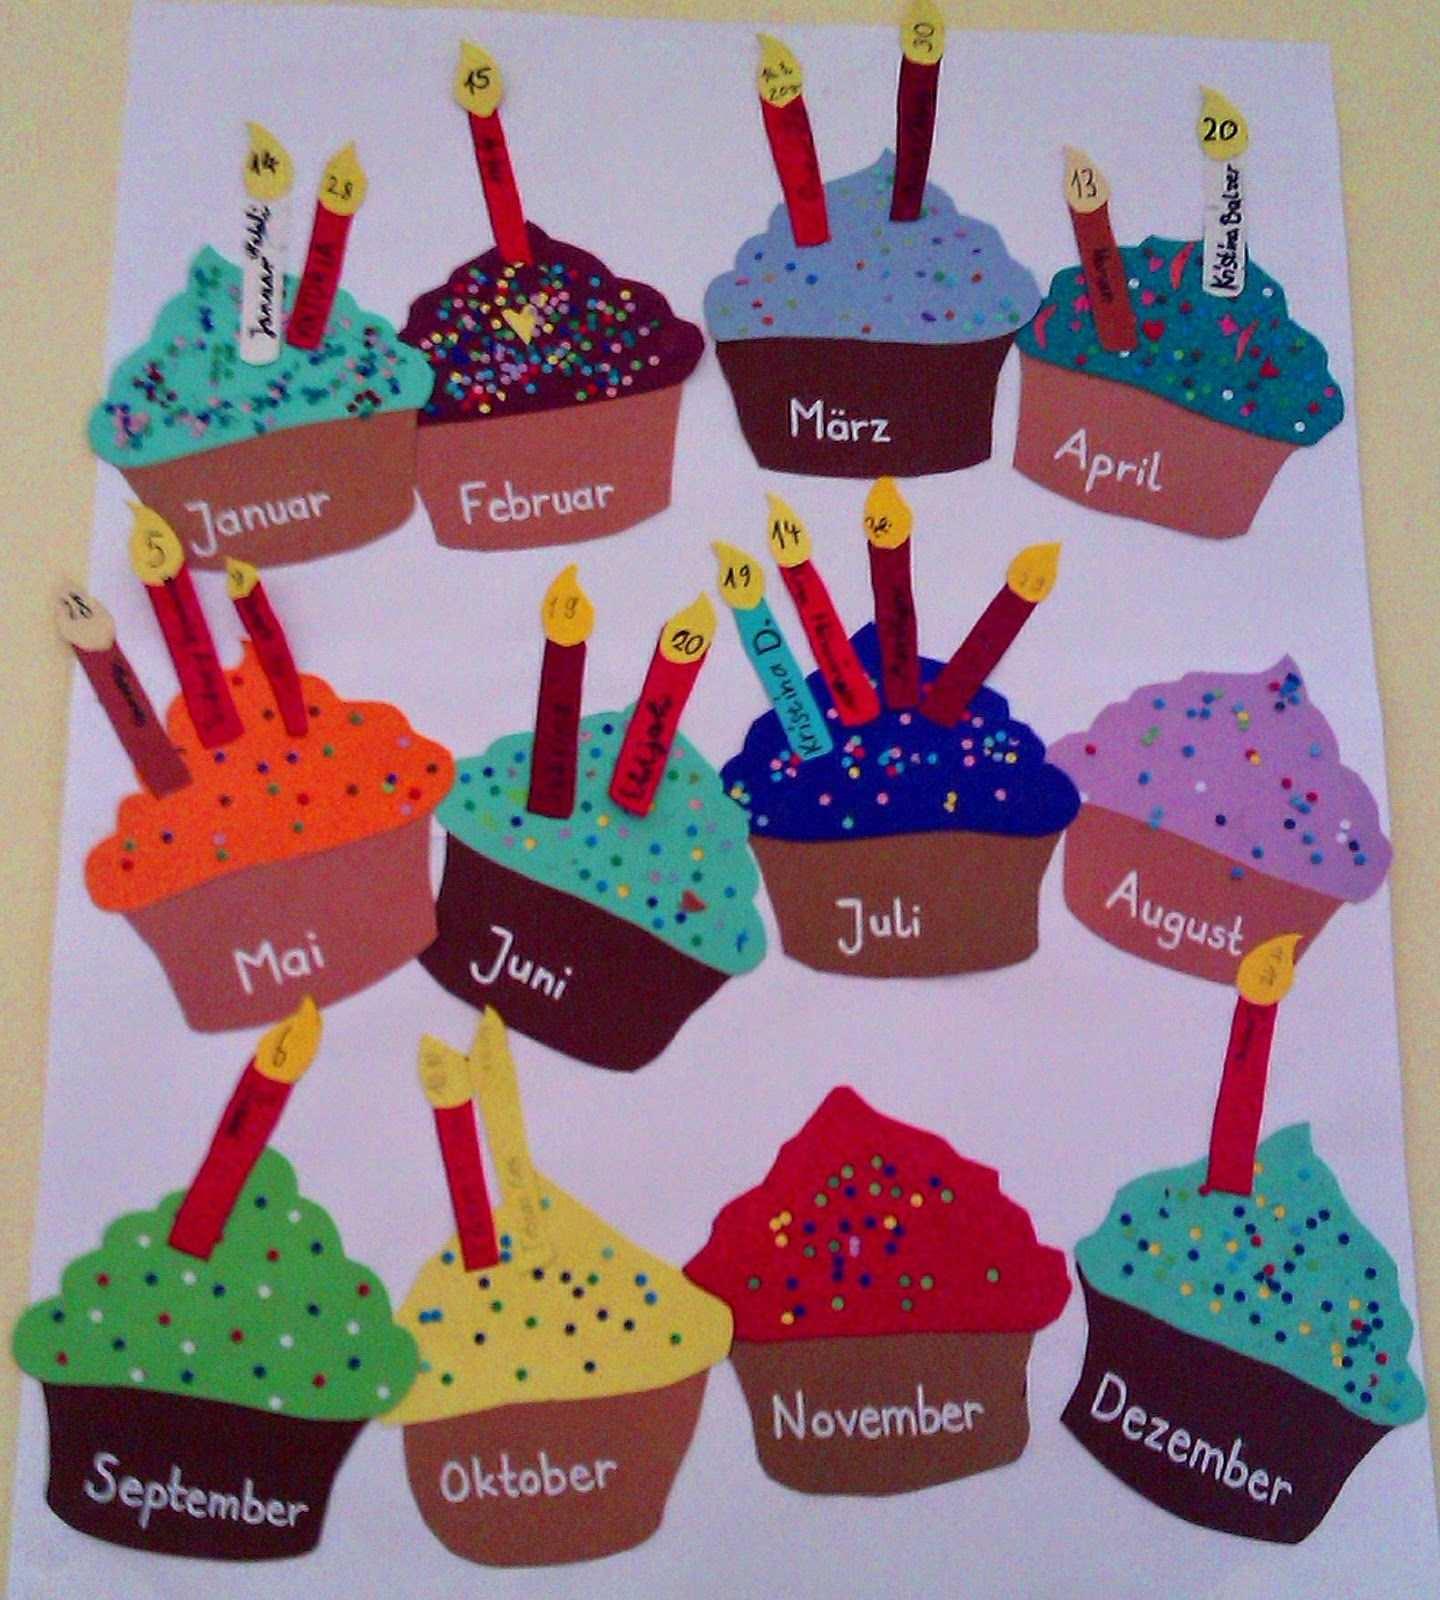 Bastelt Euch Einen Bunten Geburtstagskalender Fur Die Klasse Als Ich Letztes Jahr Ei Geburtstagskalender Geburtstagskalender Basteln Geburtstagskalender Kinder